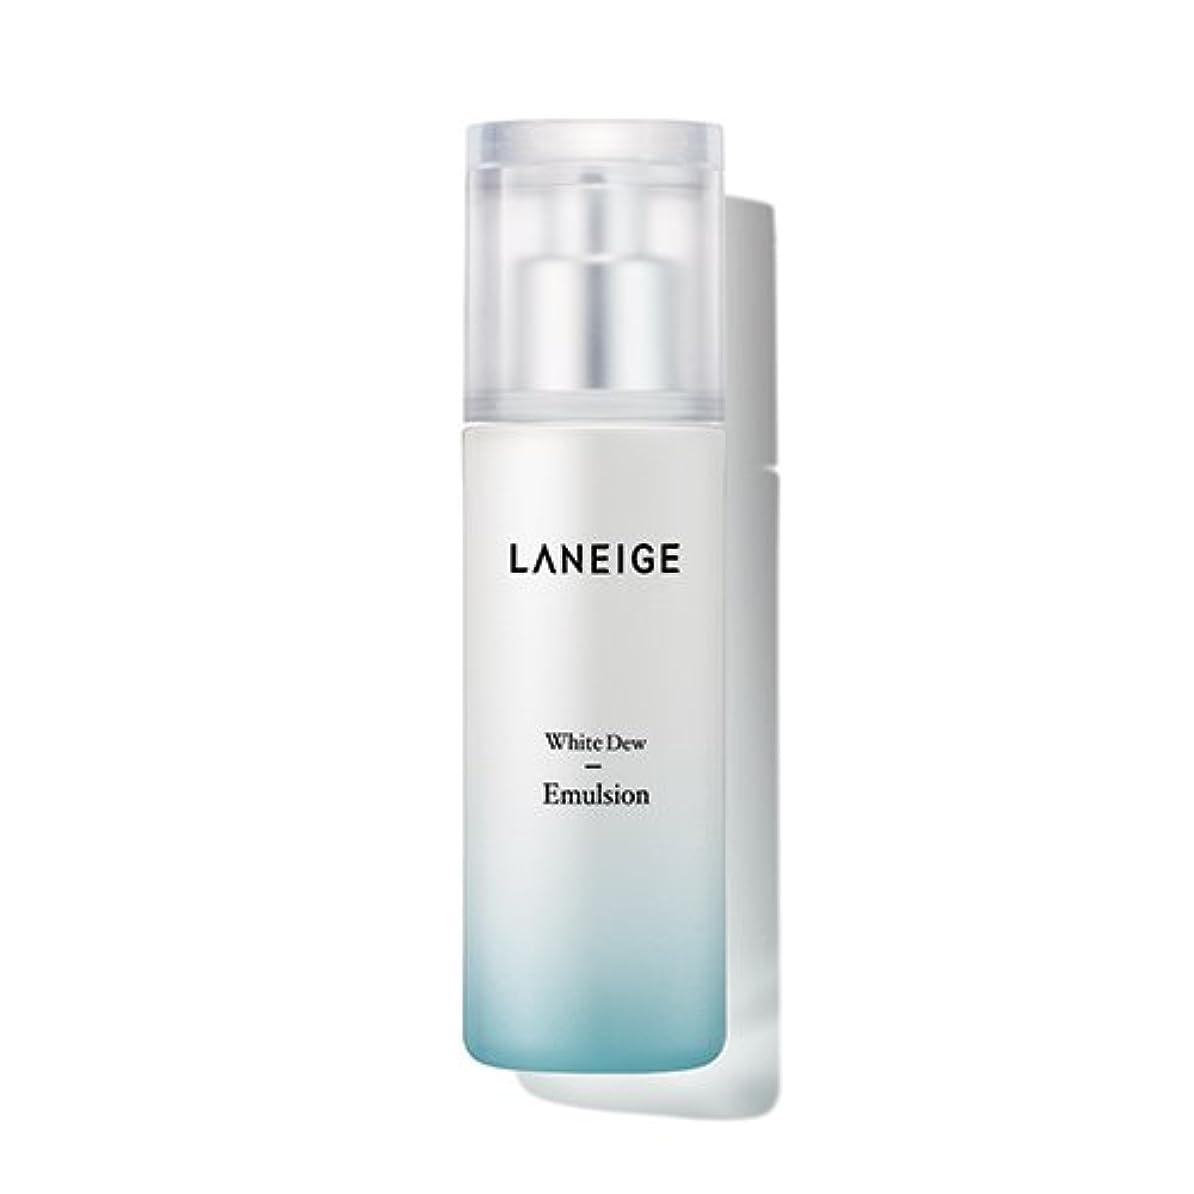 約前売支払い[ラネージュ] LANEIGE ホワイトデューエマルジョン White Dew Emulsion(海外直送品) [並行輸入品]